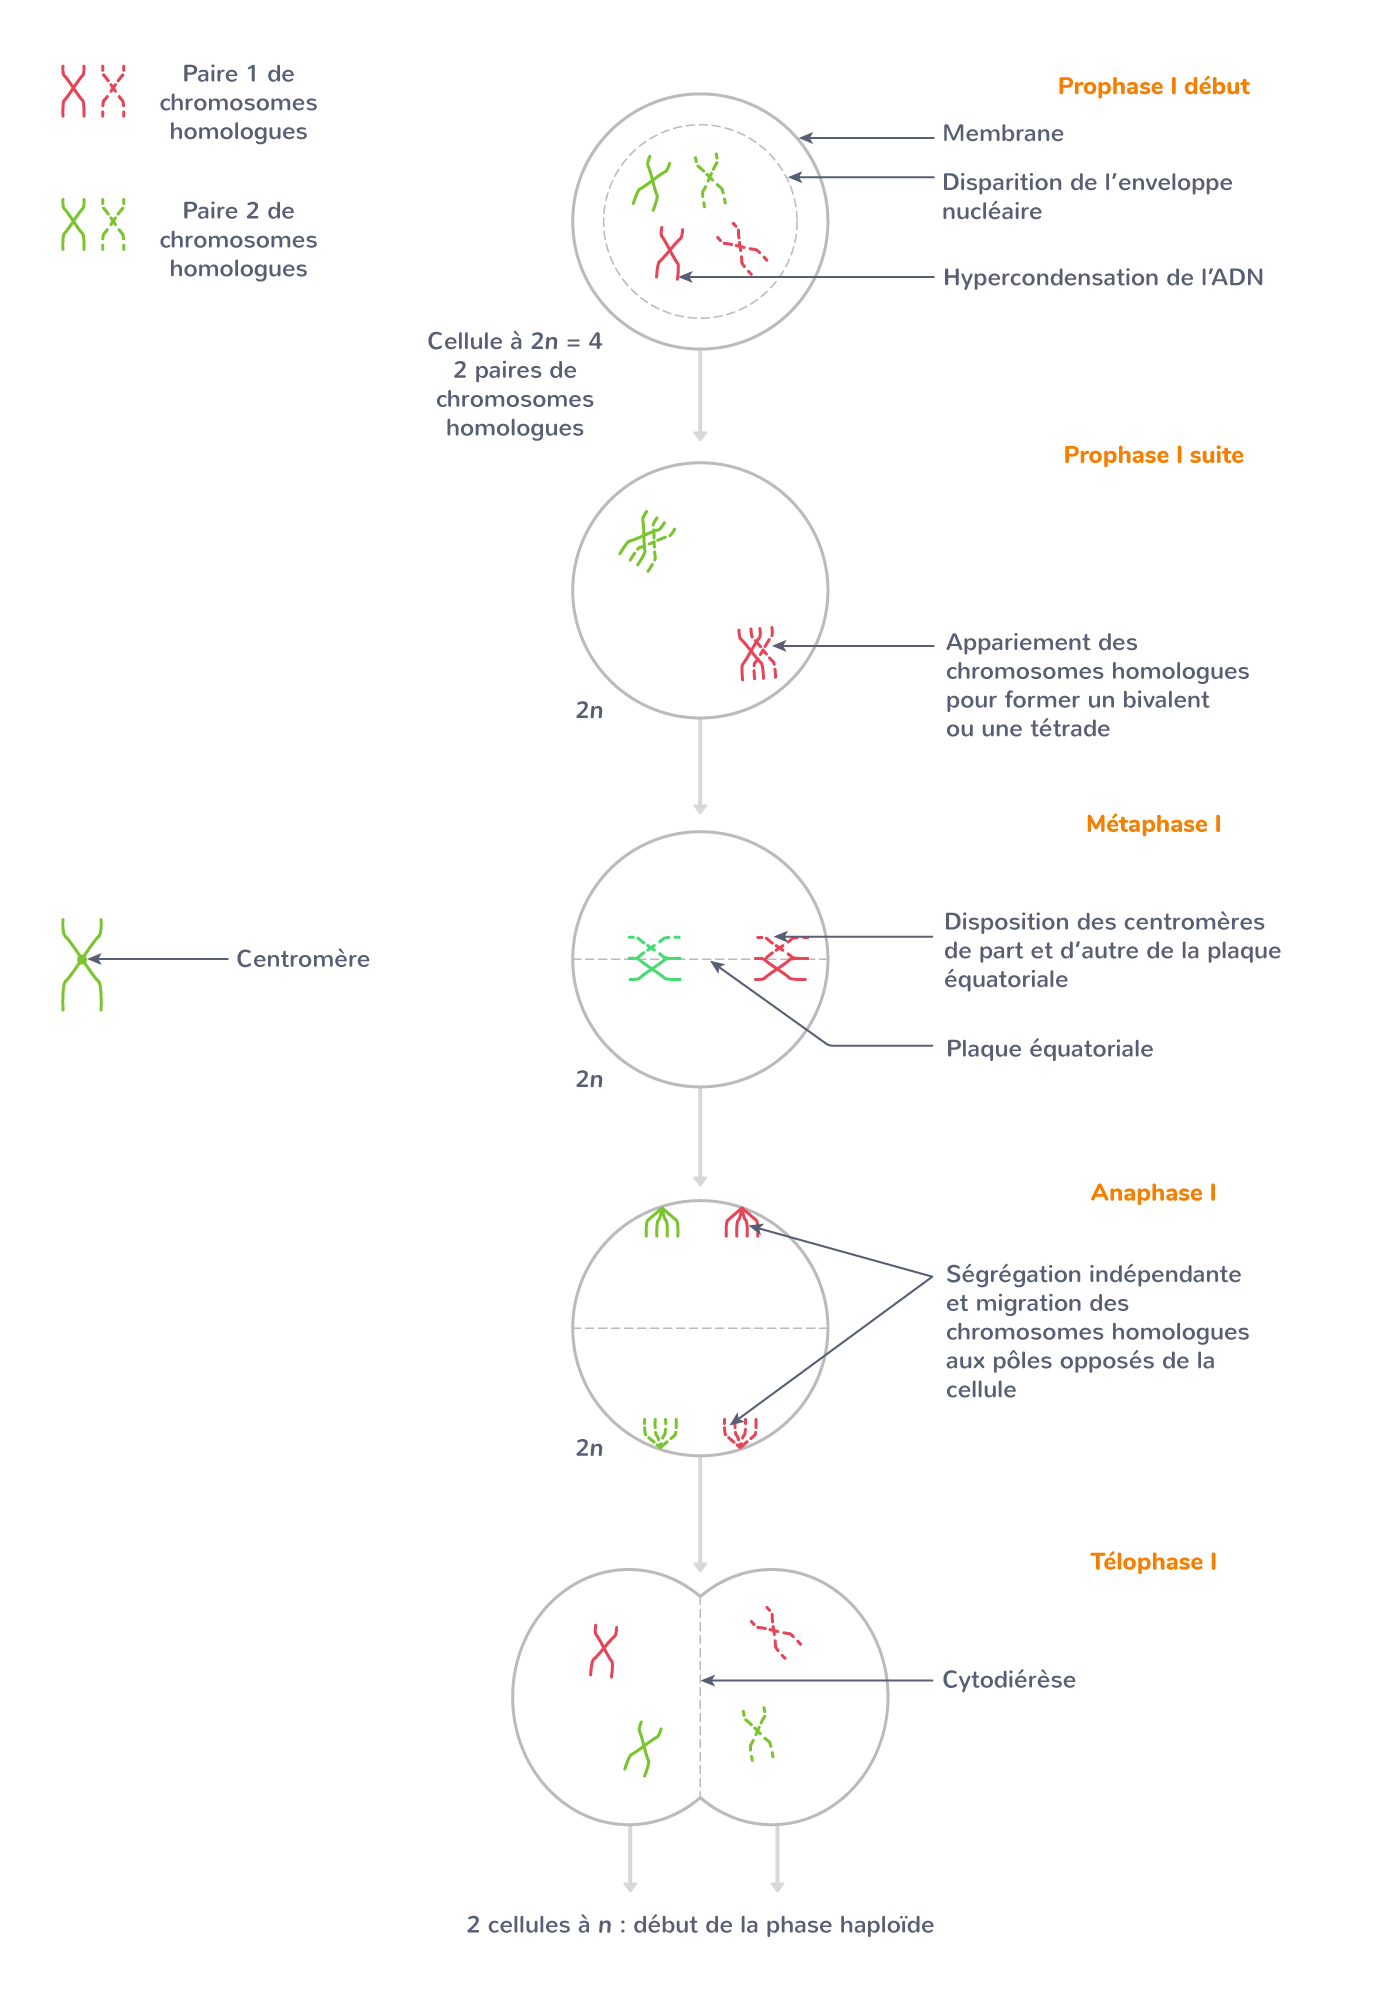 Première division de méiose (division réductionnelle)